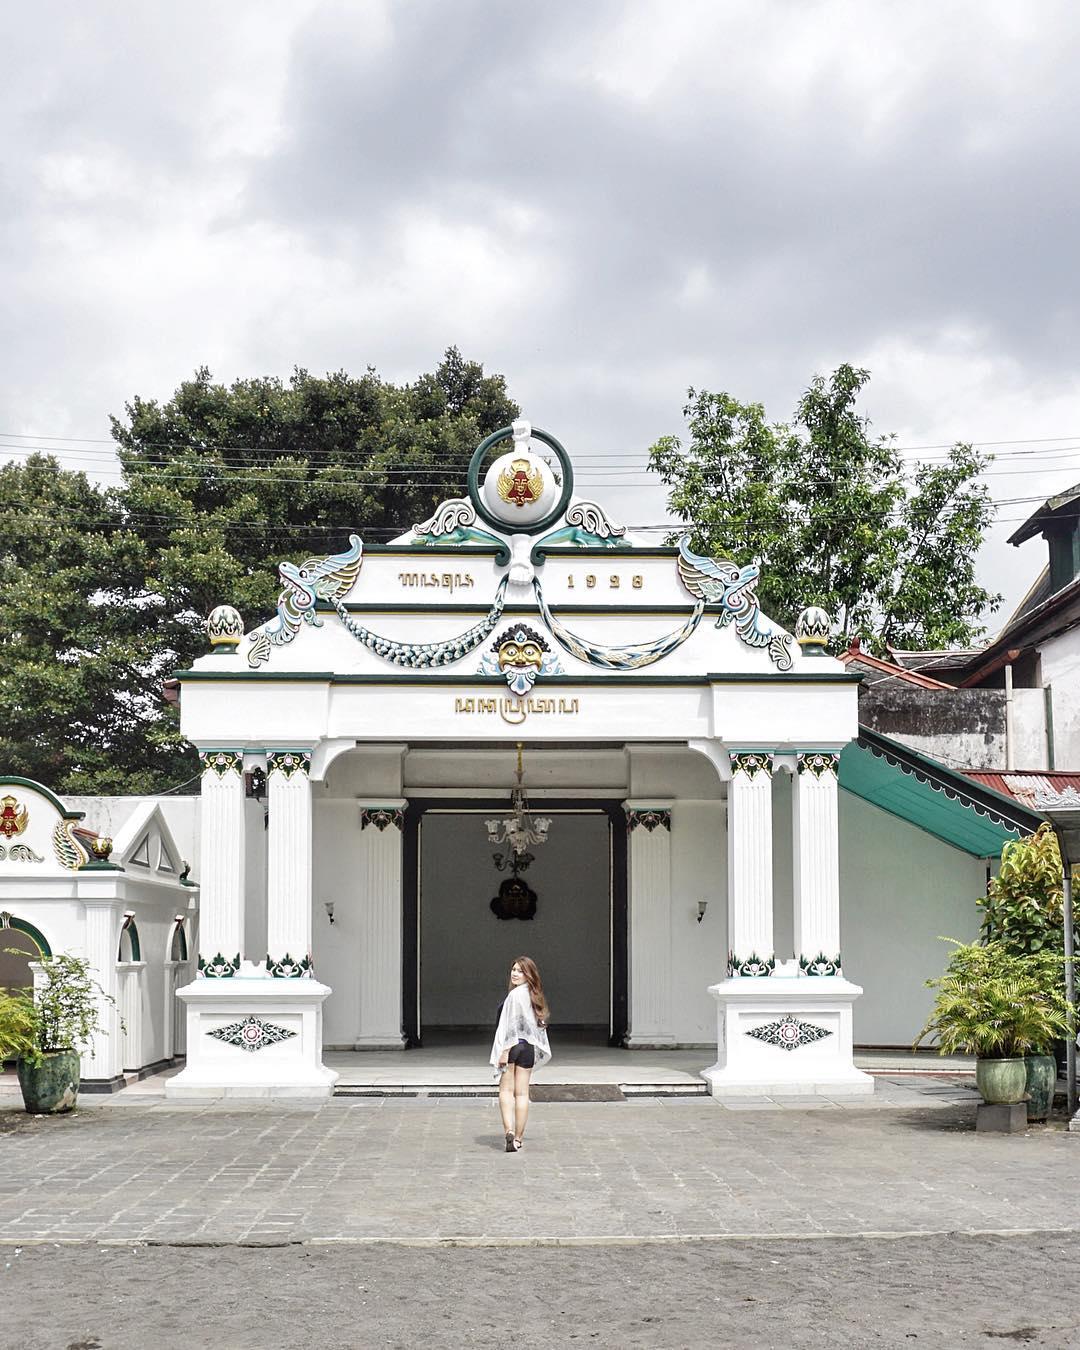 wisata budaya populer keraton jogja